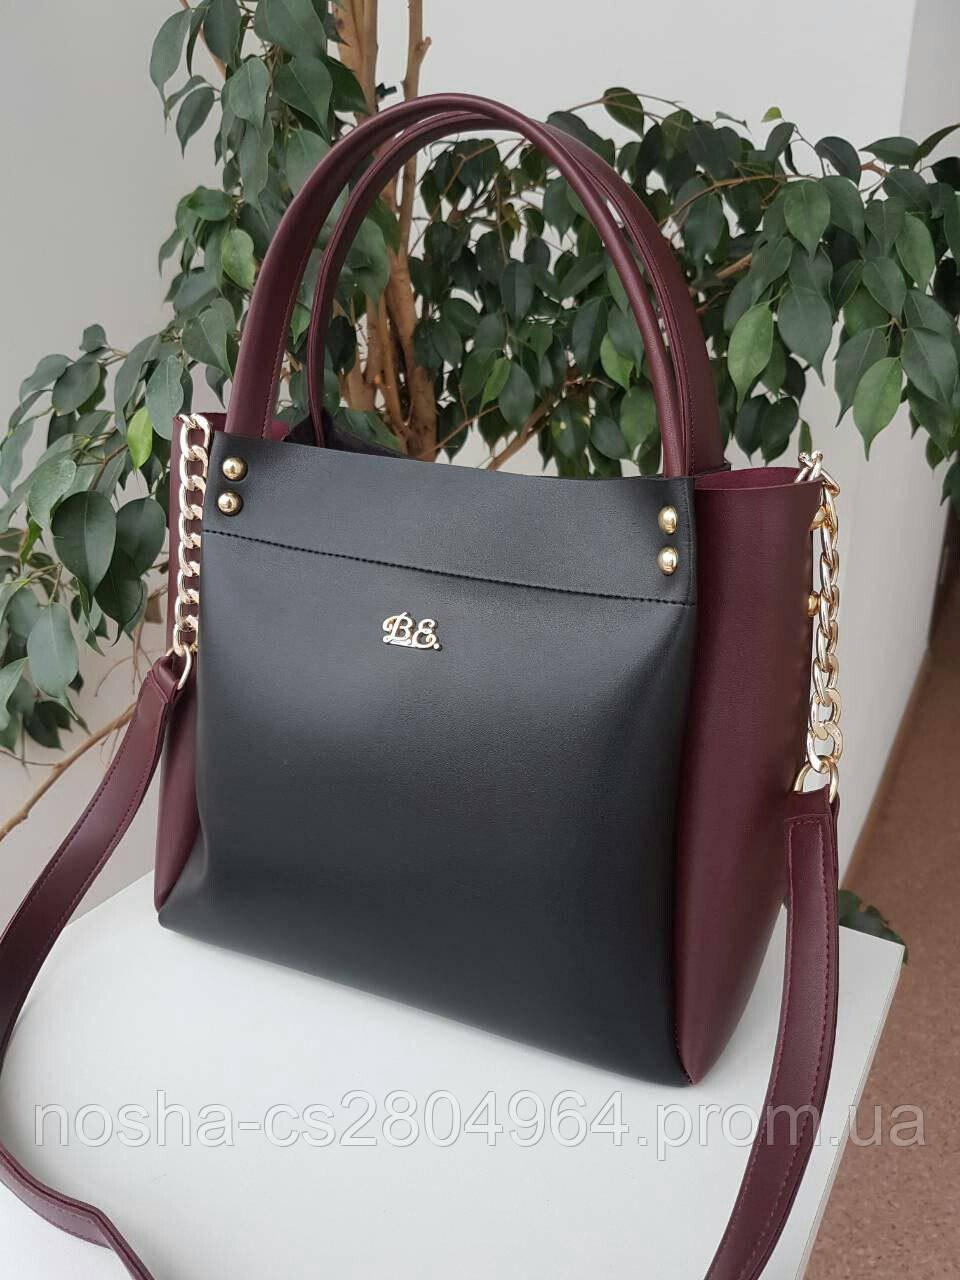 c4bca061e709 Компактная сумка с цепочкой через плечо B.Elit / Сумка женская Б.Элит /